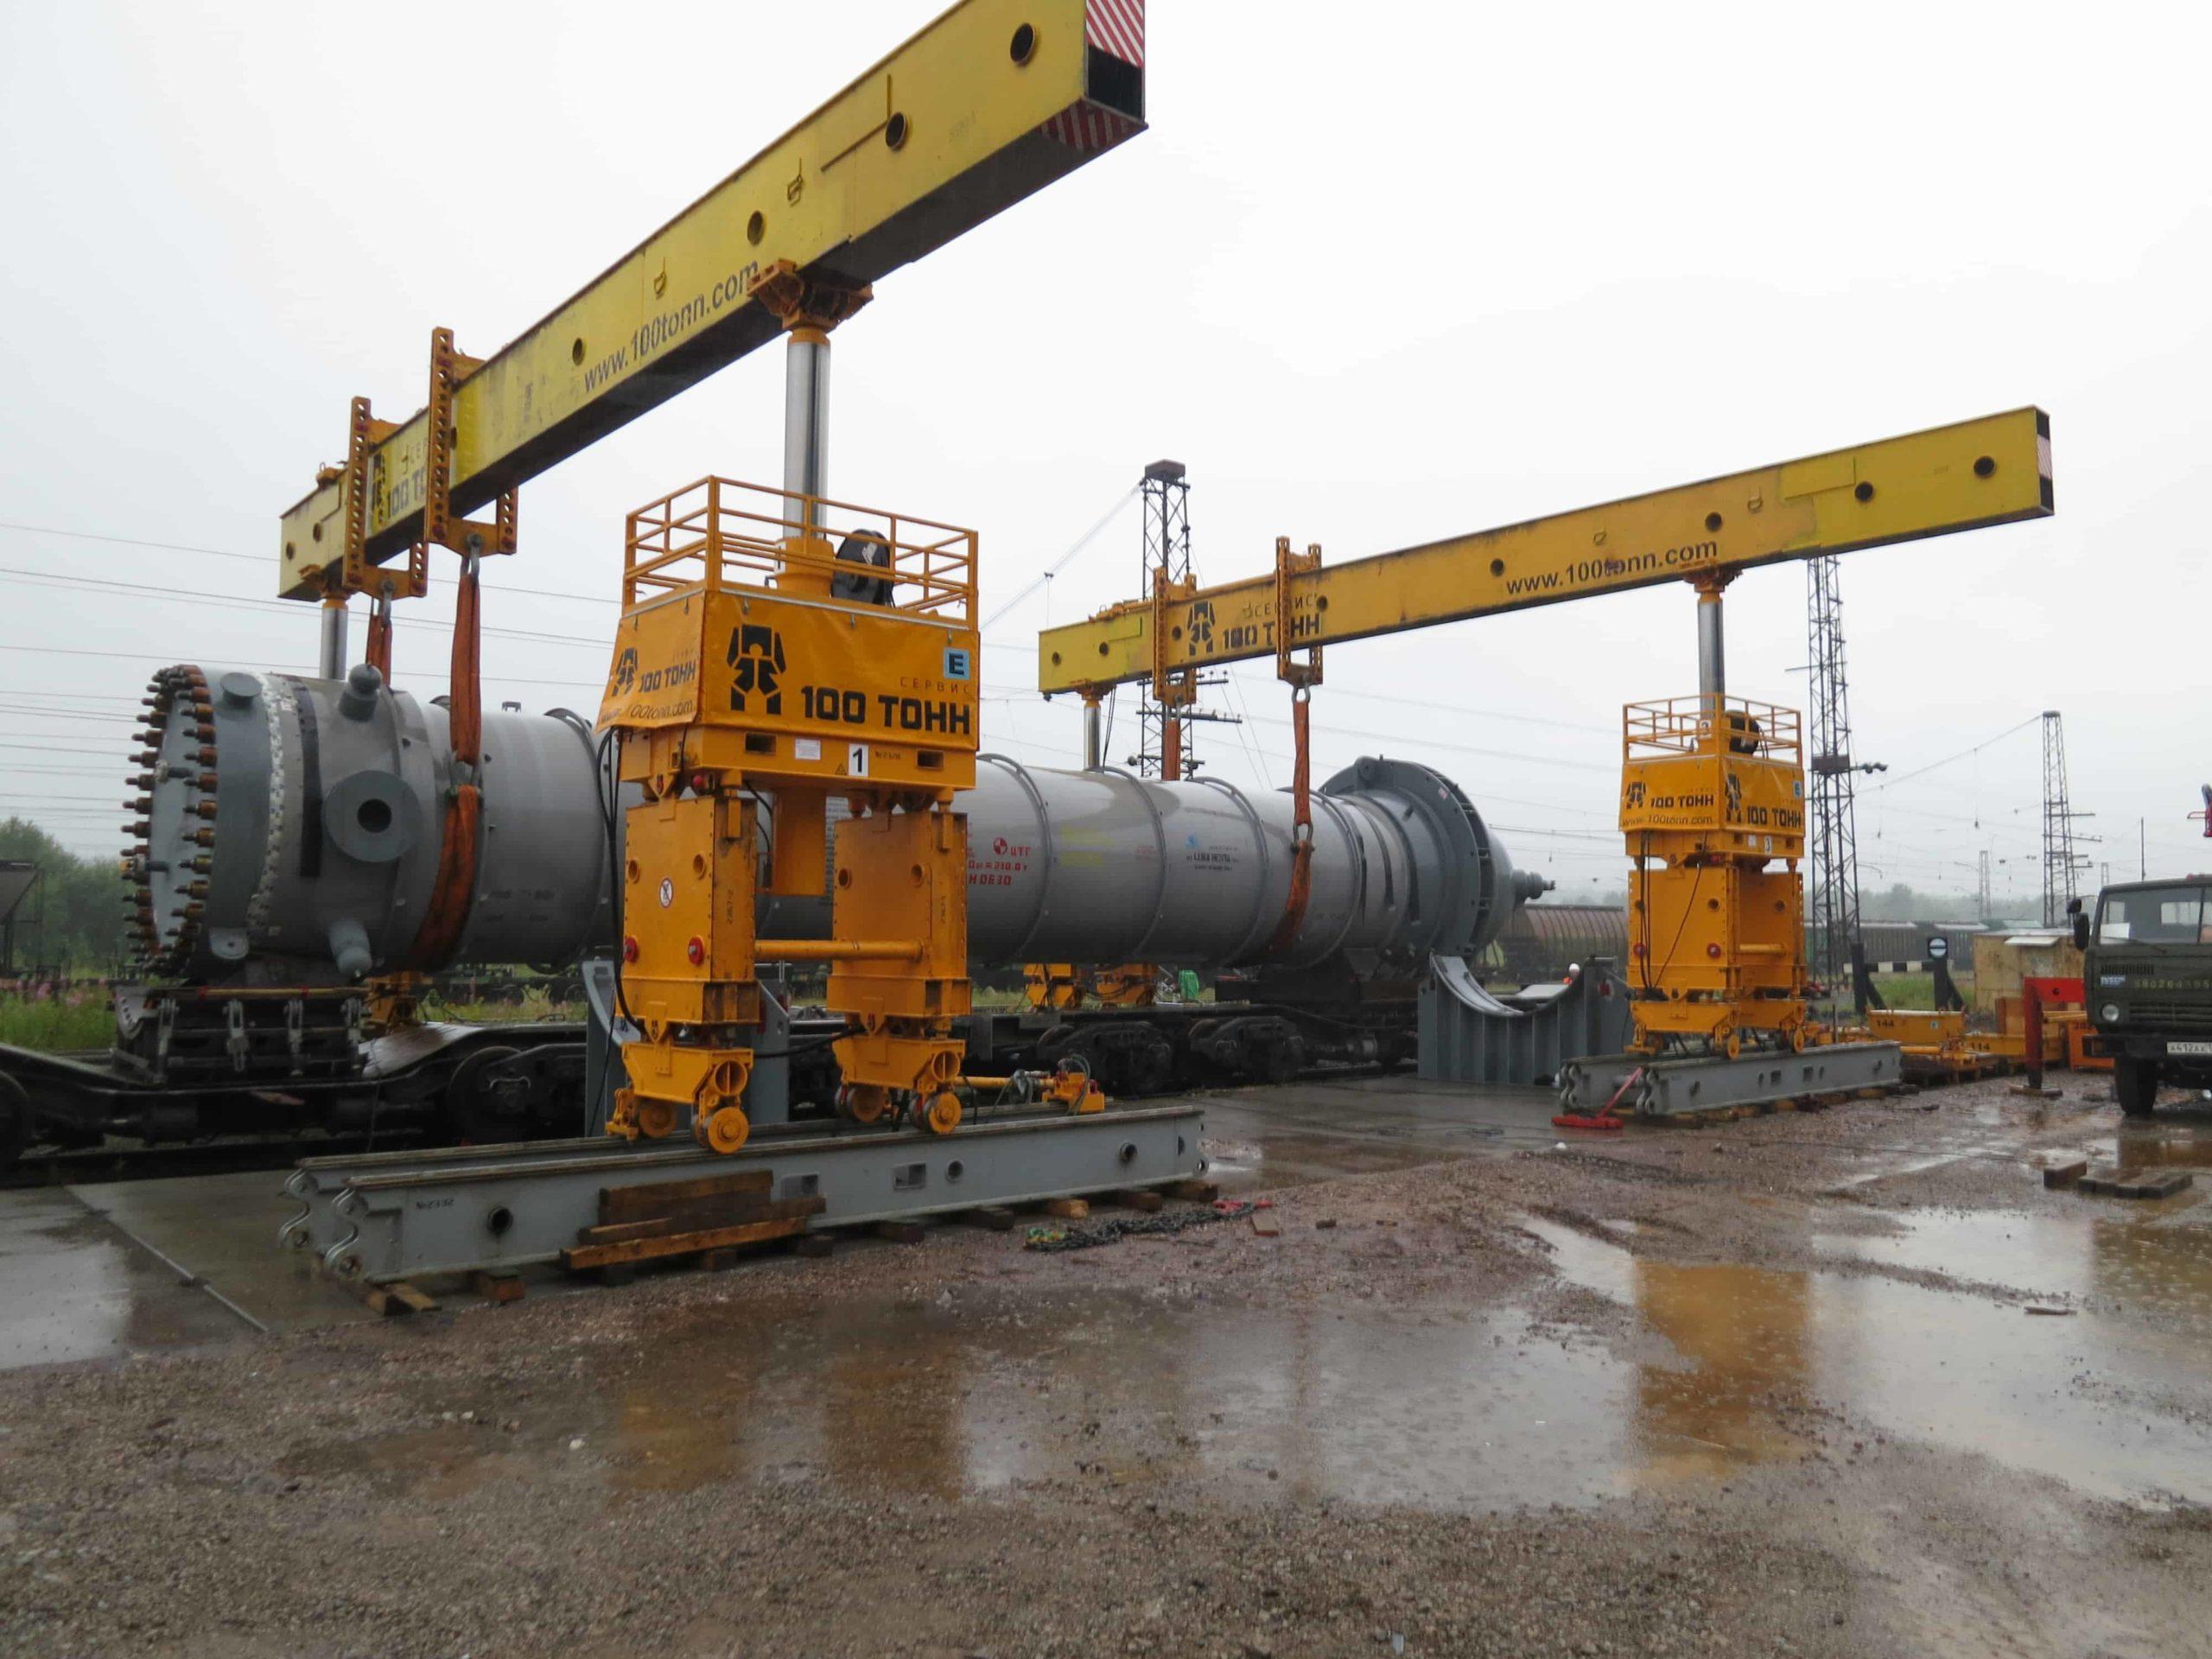 Выгрузка реактора аммиака с железнодорожного транспортёра в Пермском крае